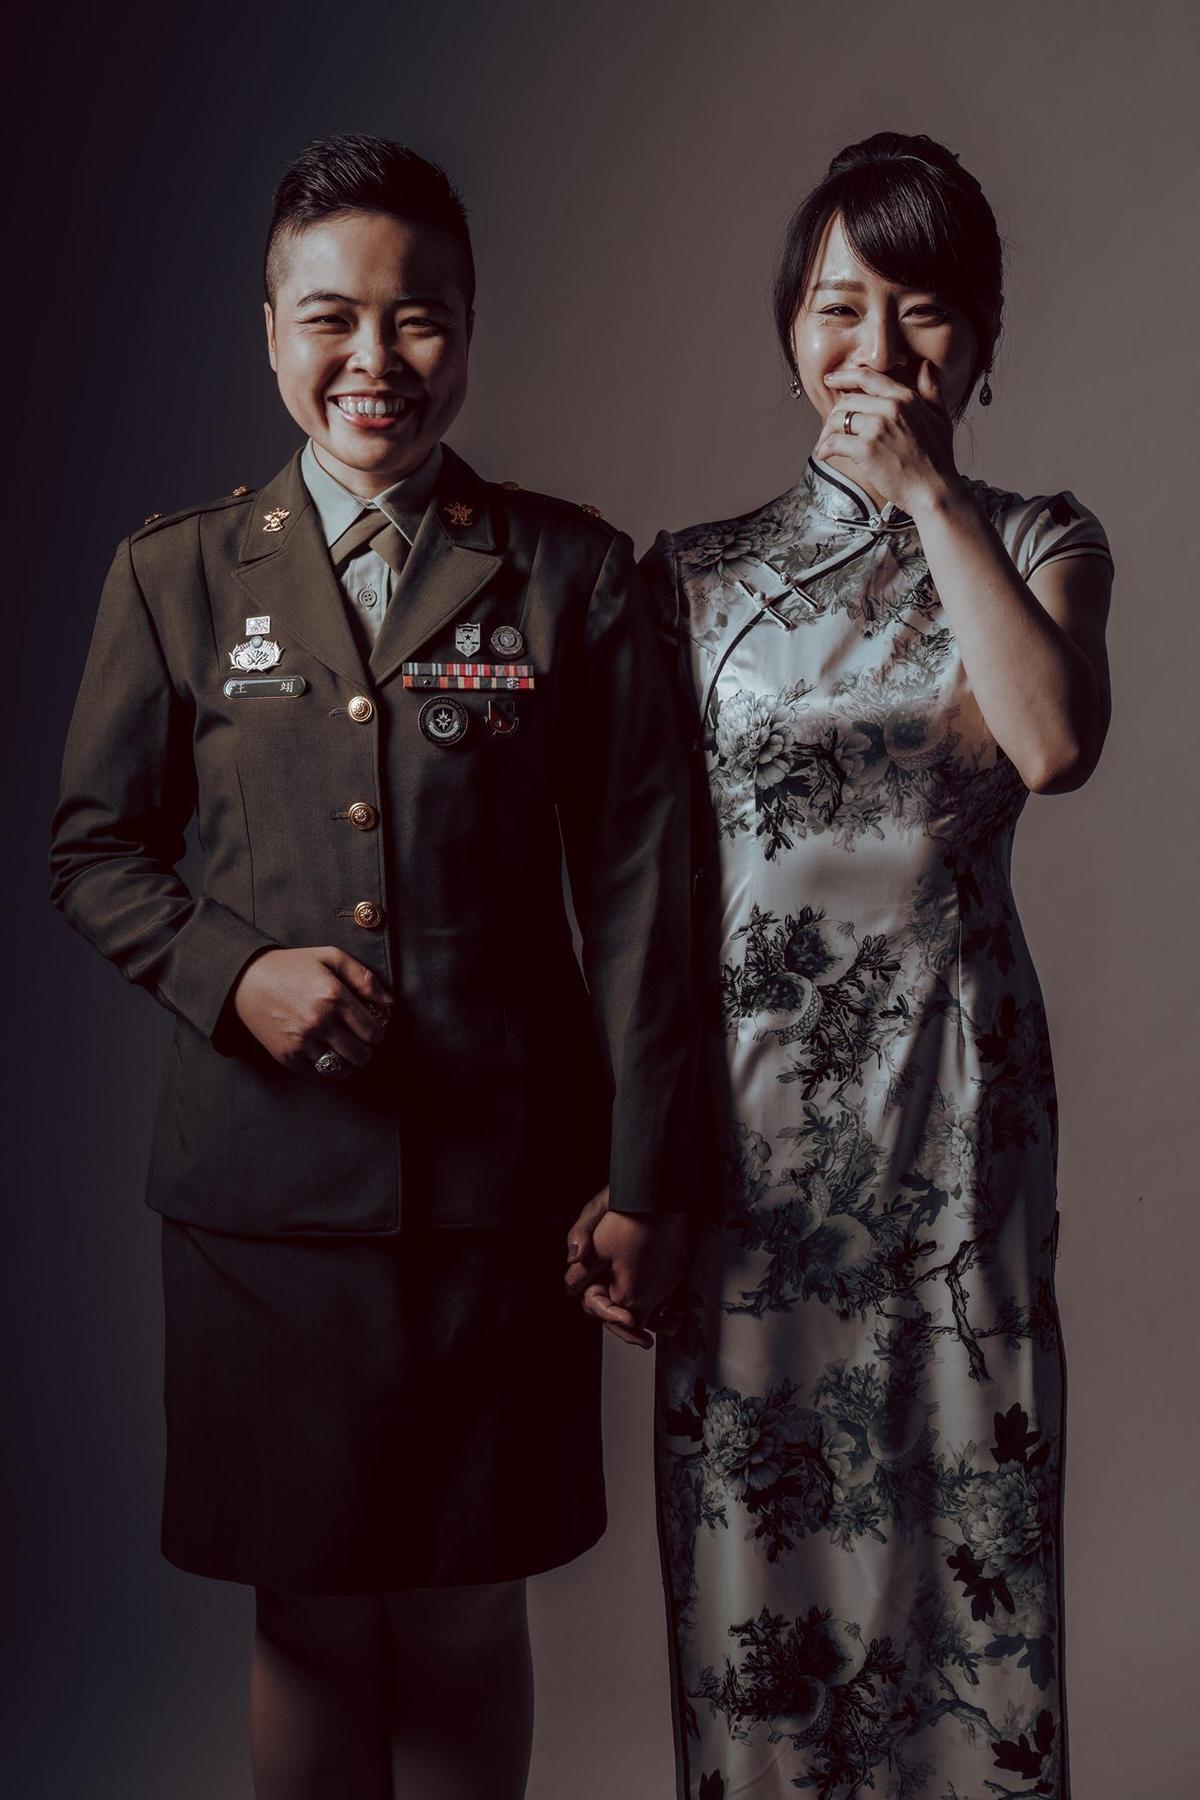 同婚專法通過後,首度出現在國軍聯合婚禮中的同性伴侶(翻攝自陸軍司令部粉專)